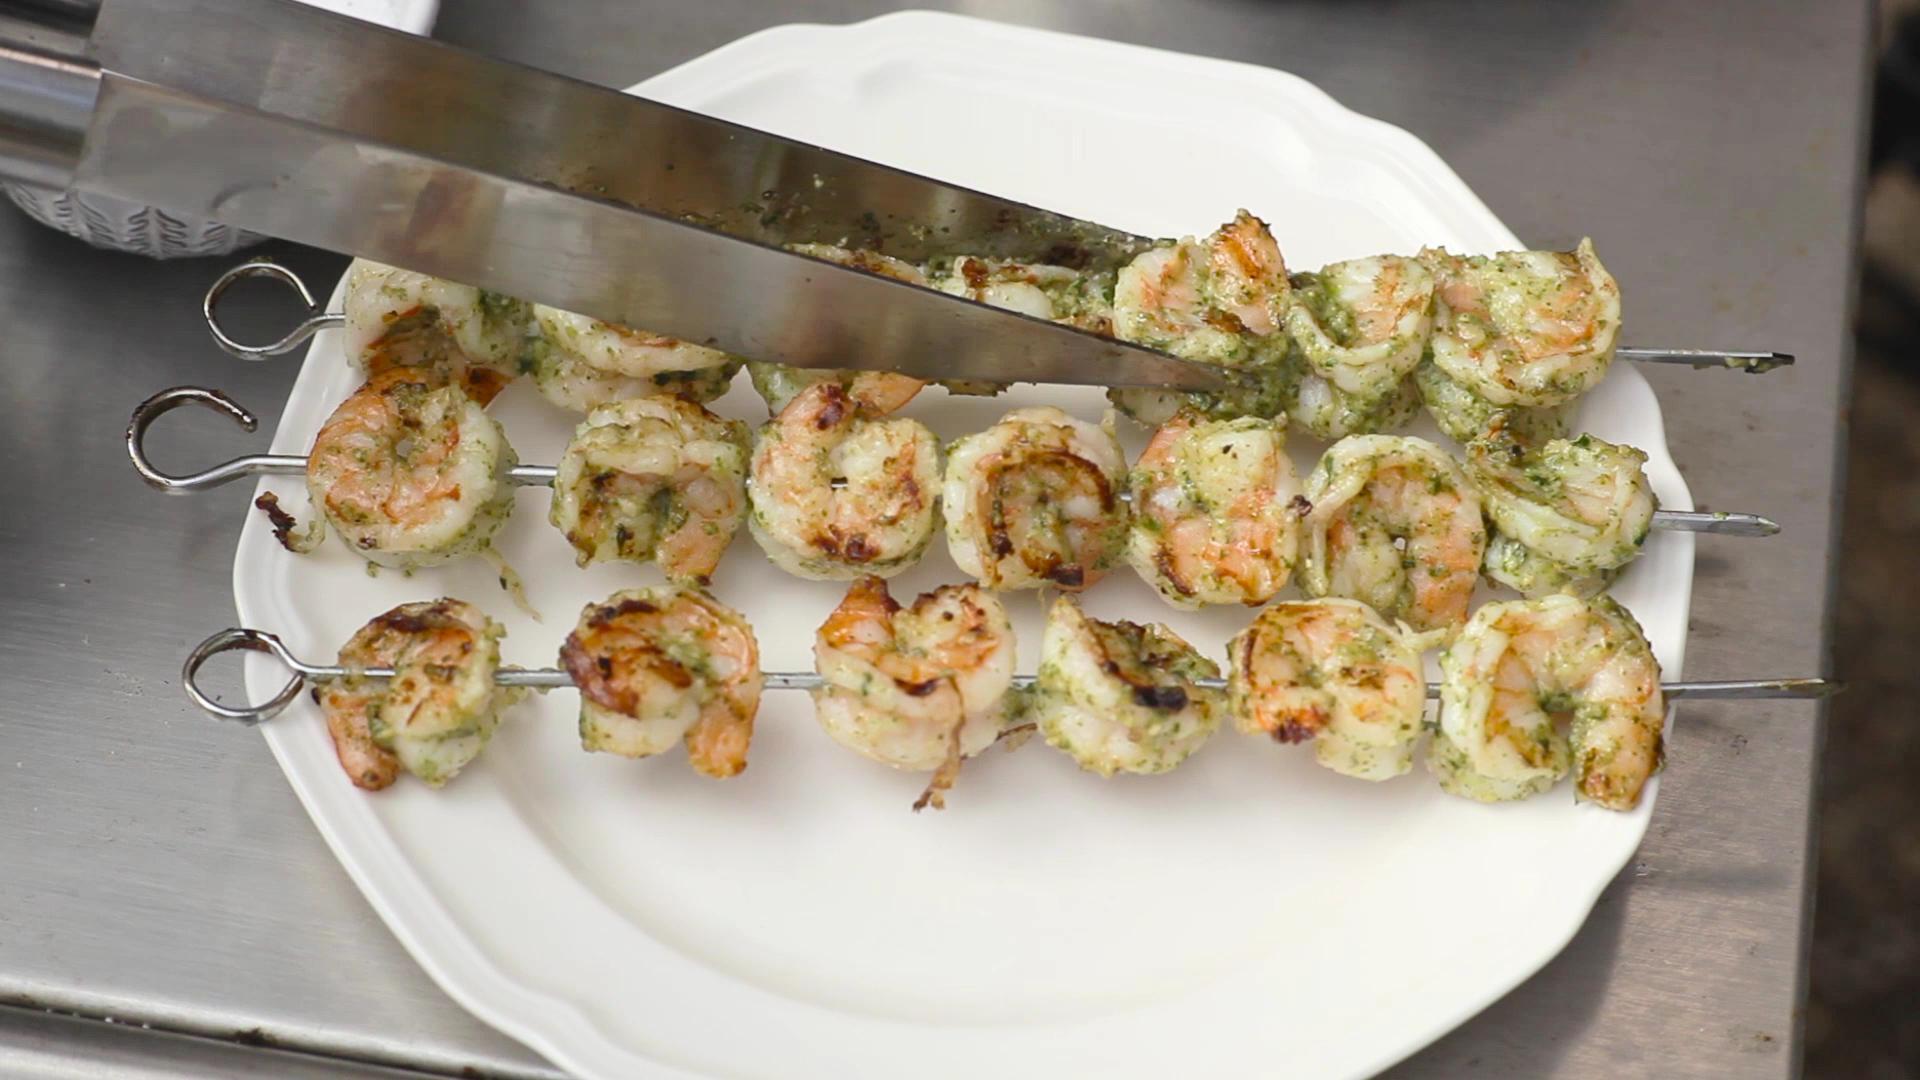 Grilled Pesto Shrimp Mediterranean Salad Recipe